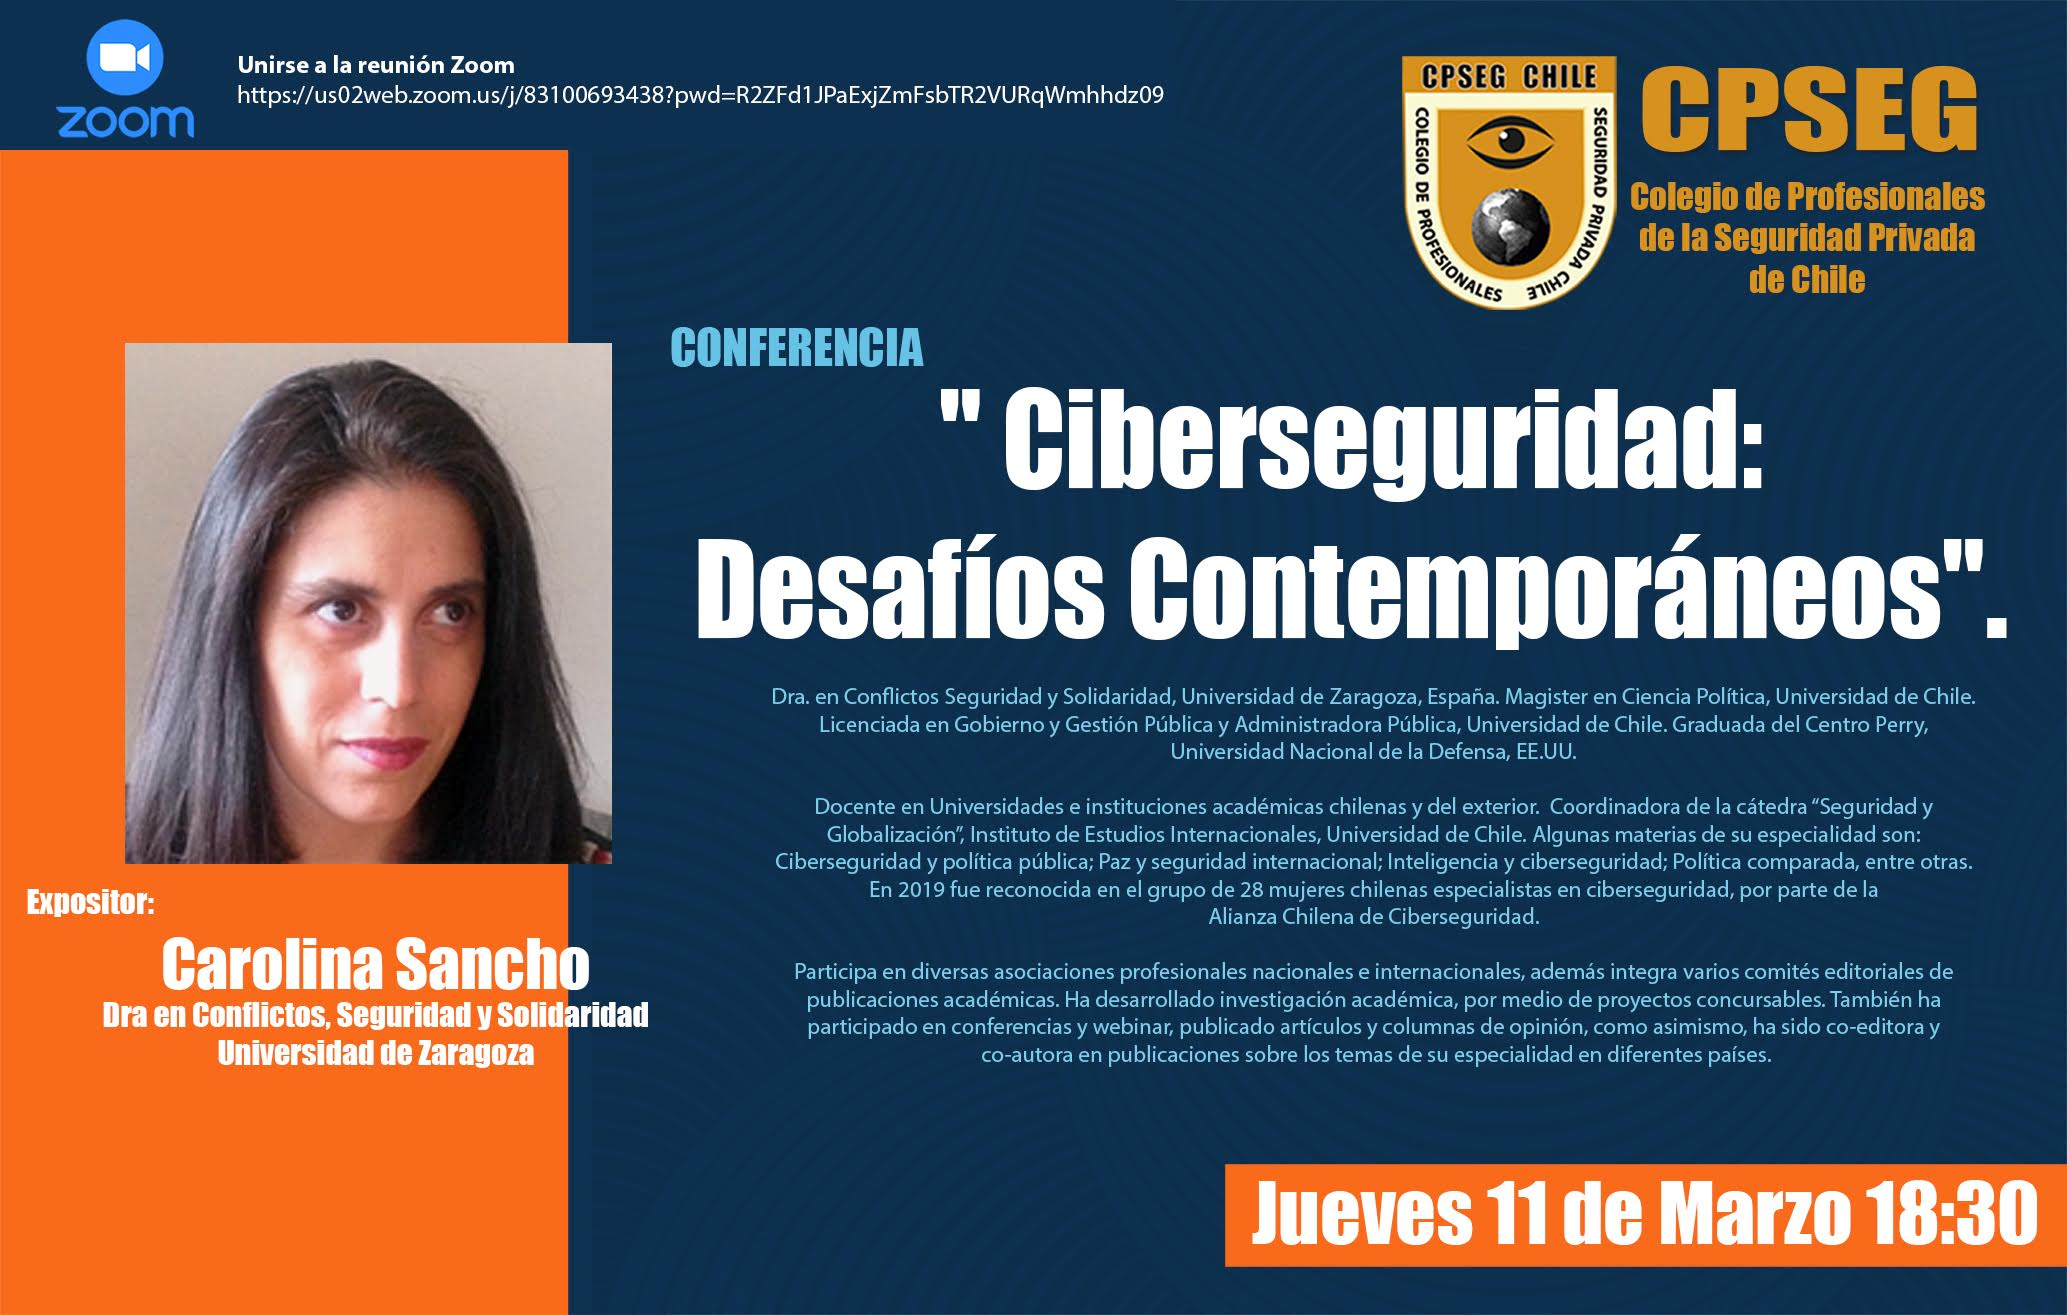 Charla de Ciberseguridad: Desafíos Contemporáneos